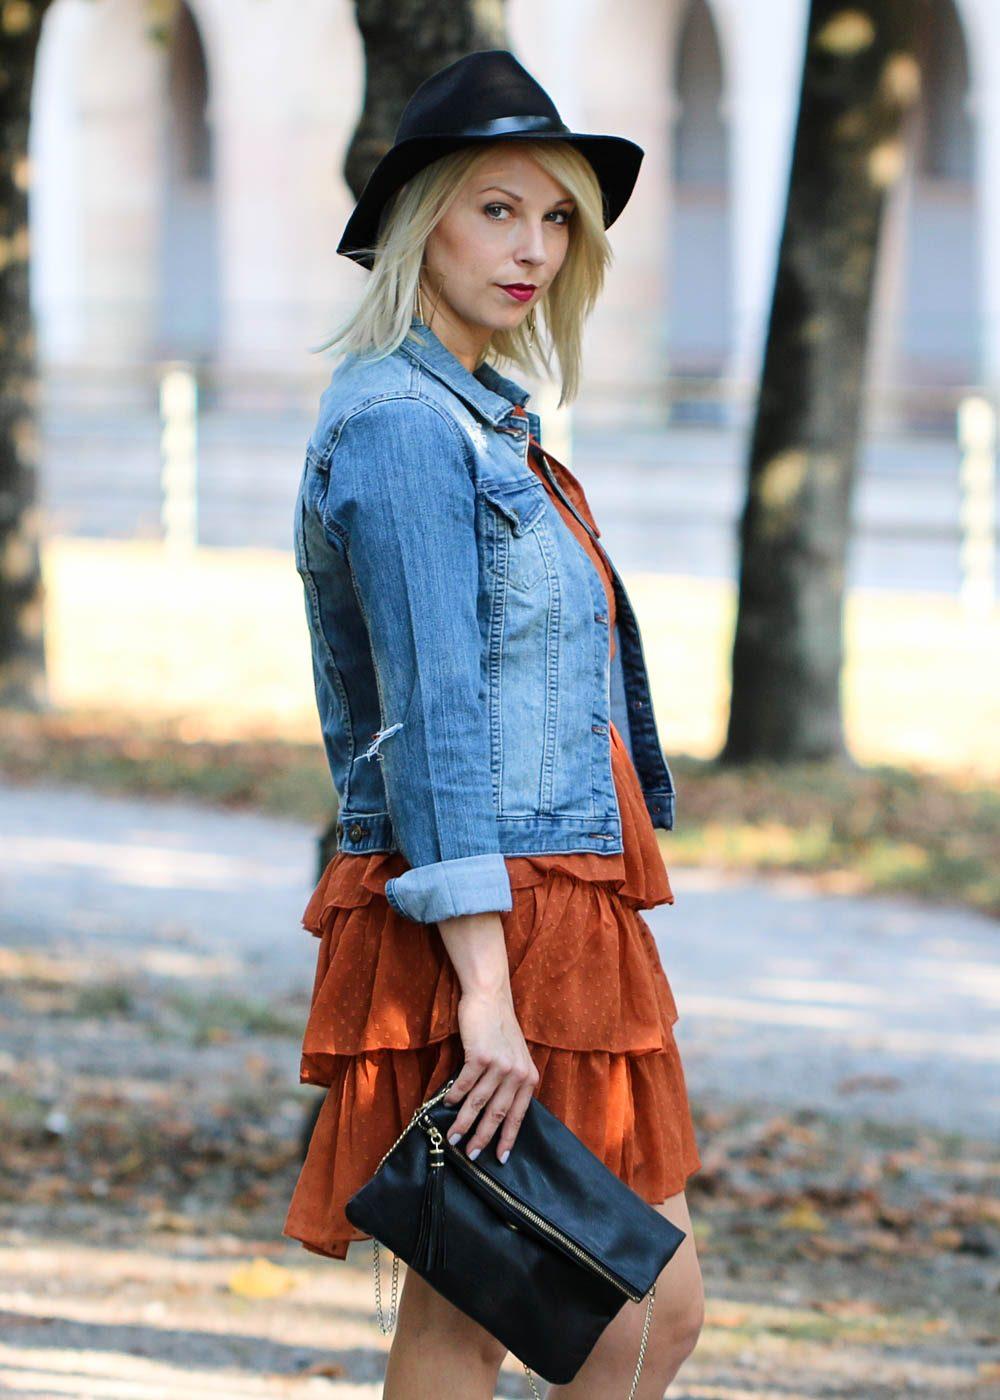 outfit-kleid-volants-vero-moda-rostrot-jeansjacke-stiefeletten-hut-3-von-7